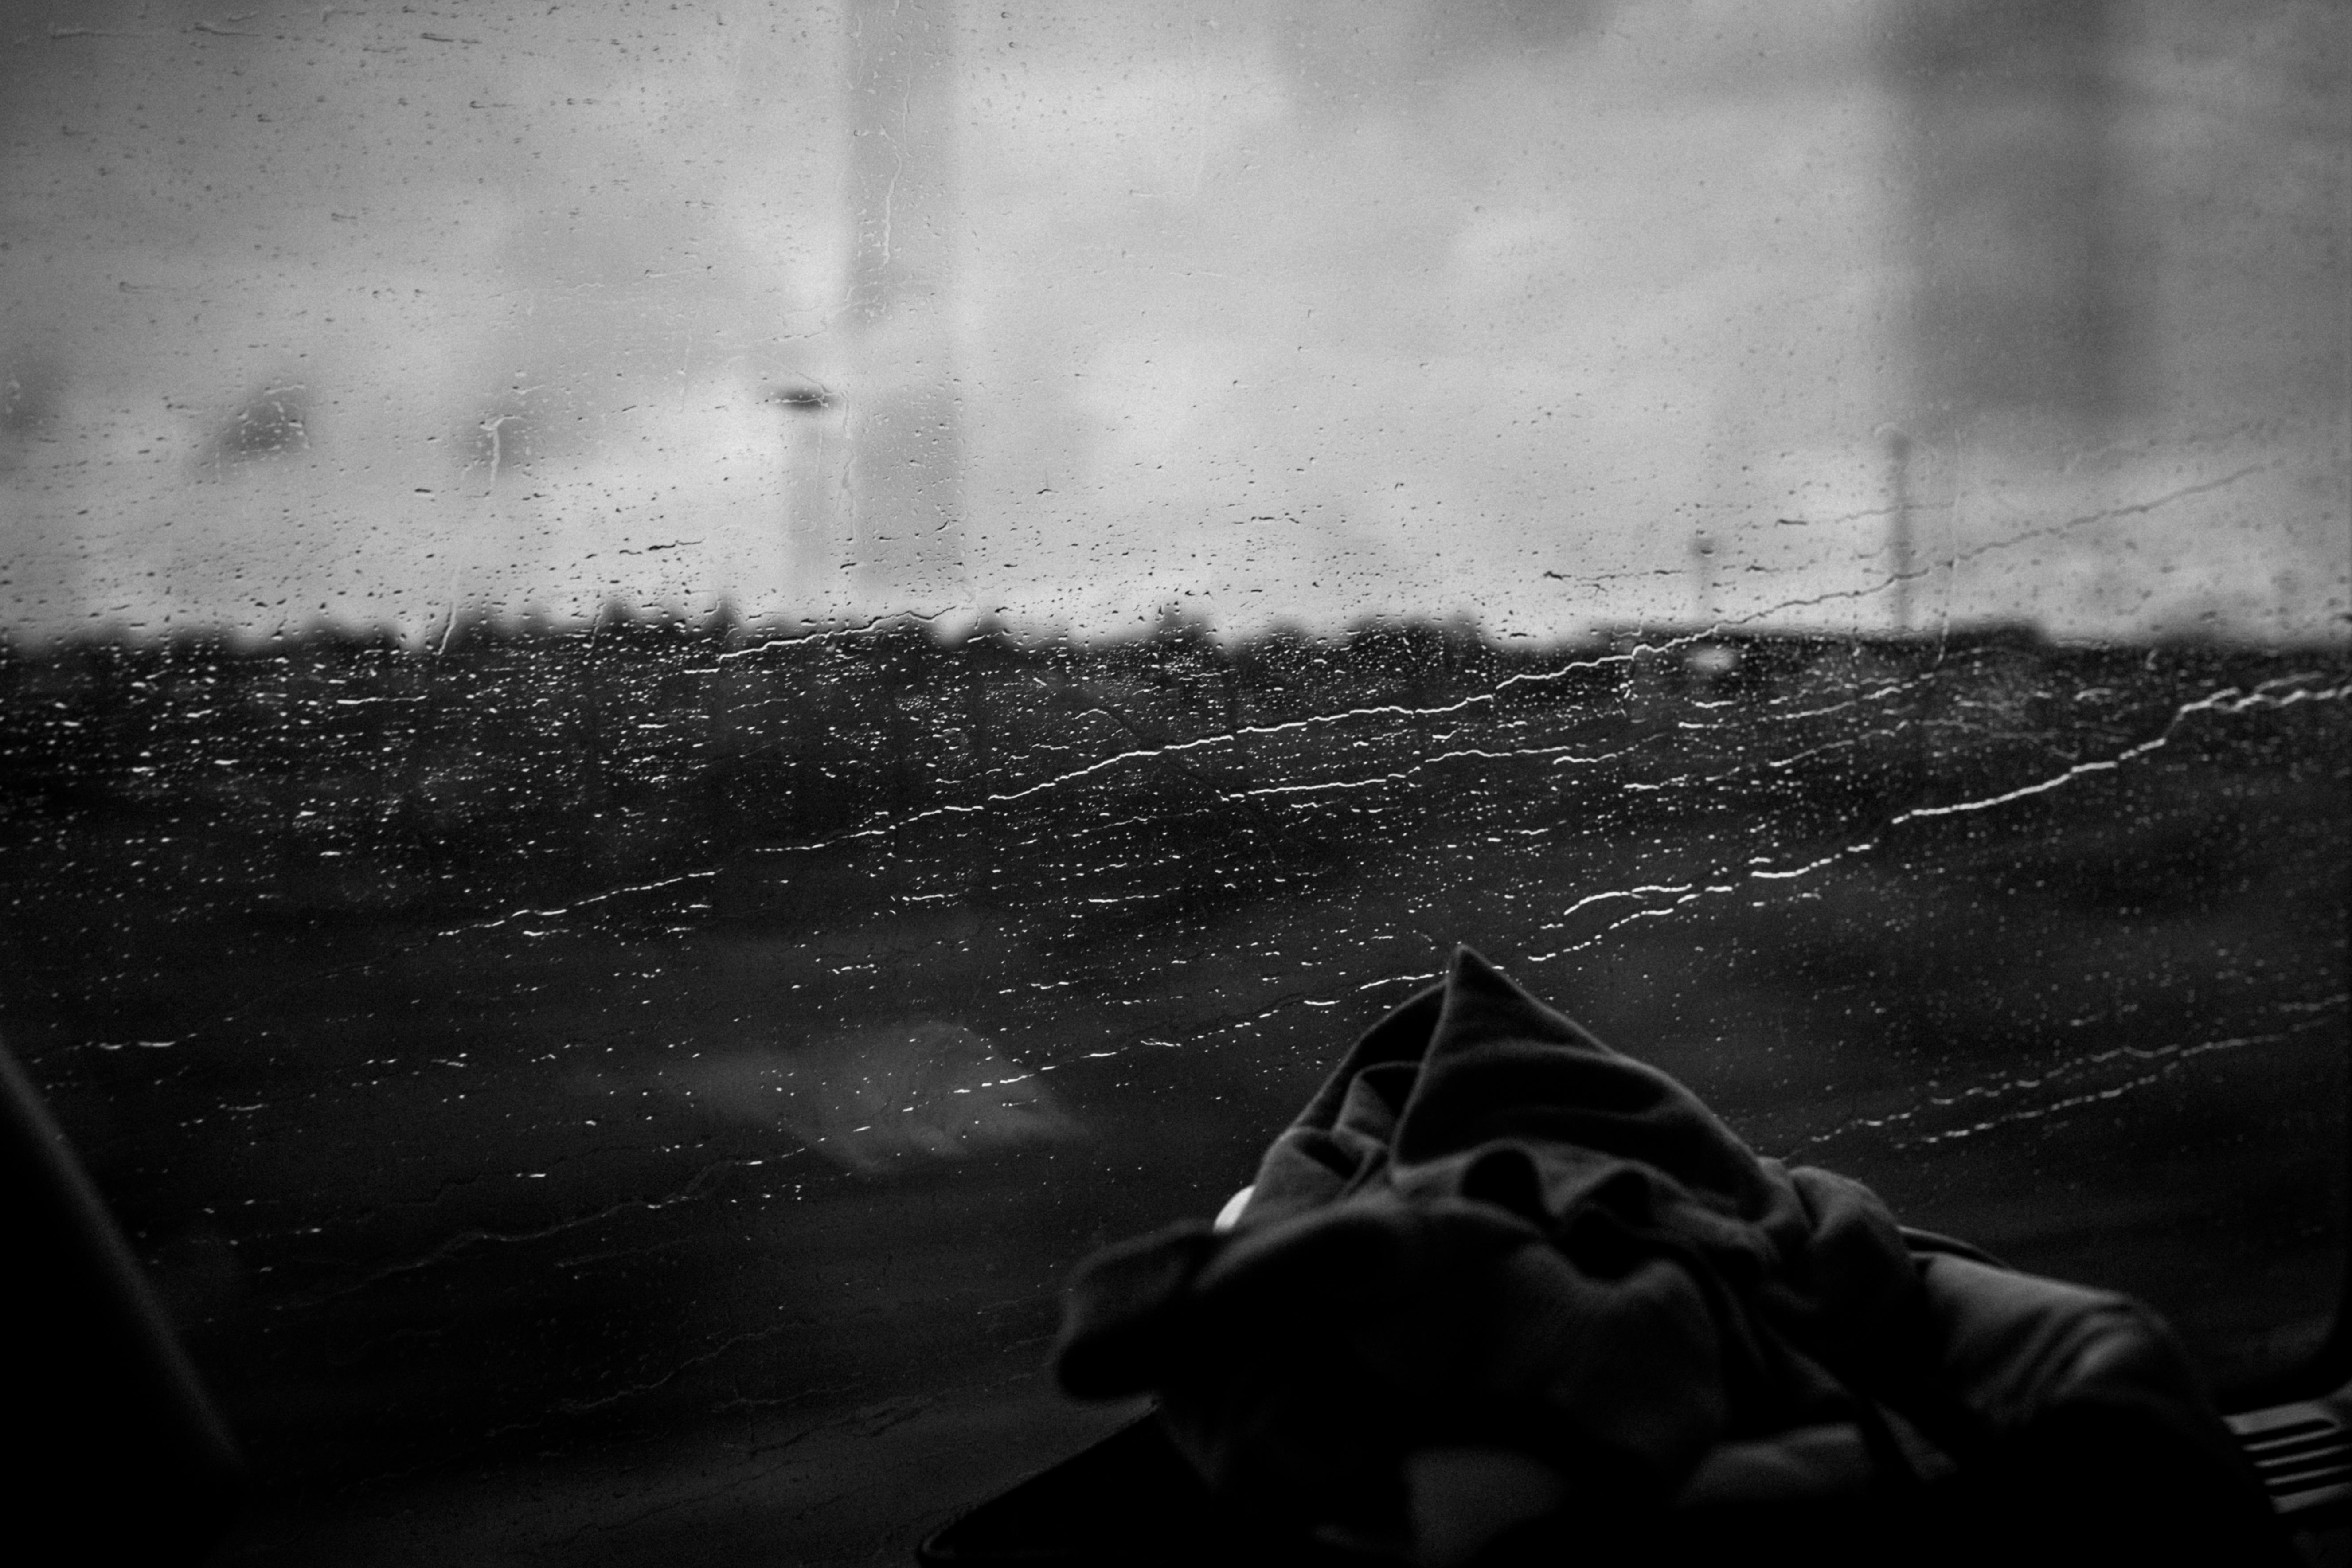 картинки грусть дождь одиночество конце концов, хотите